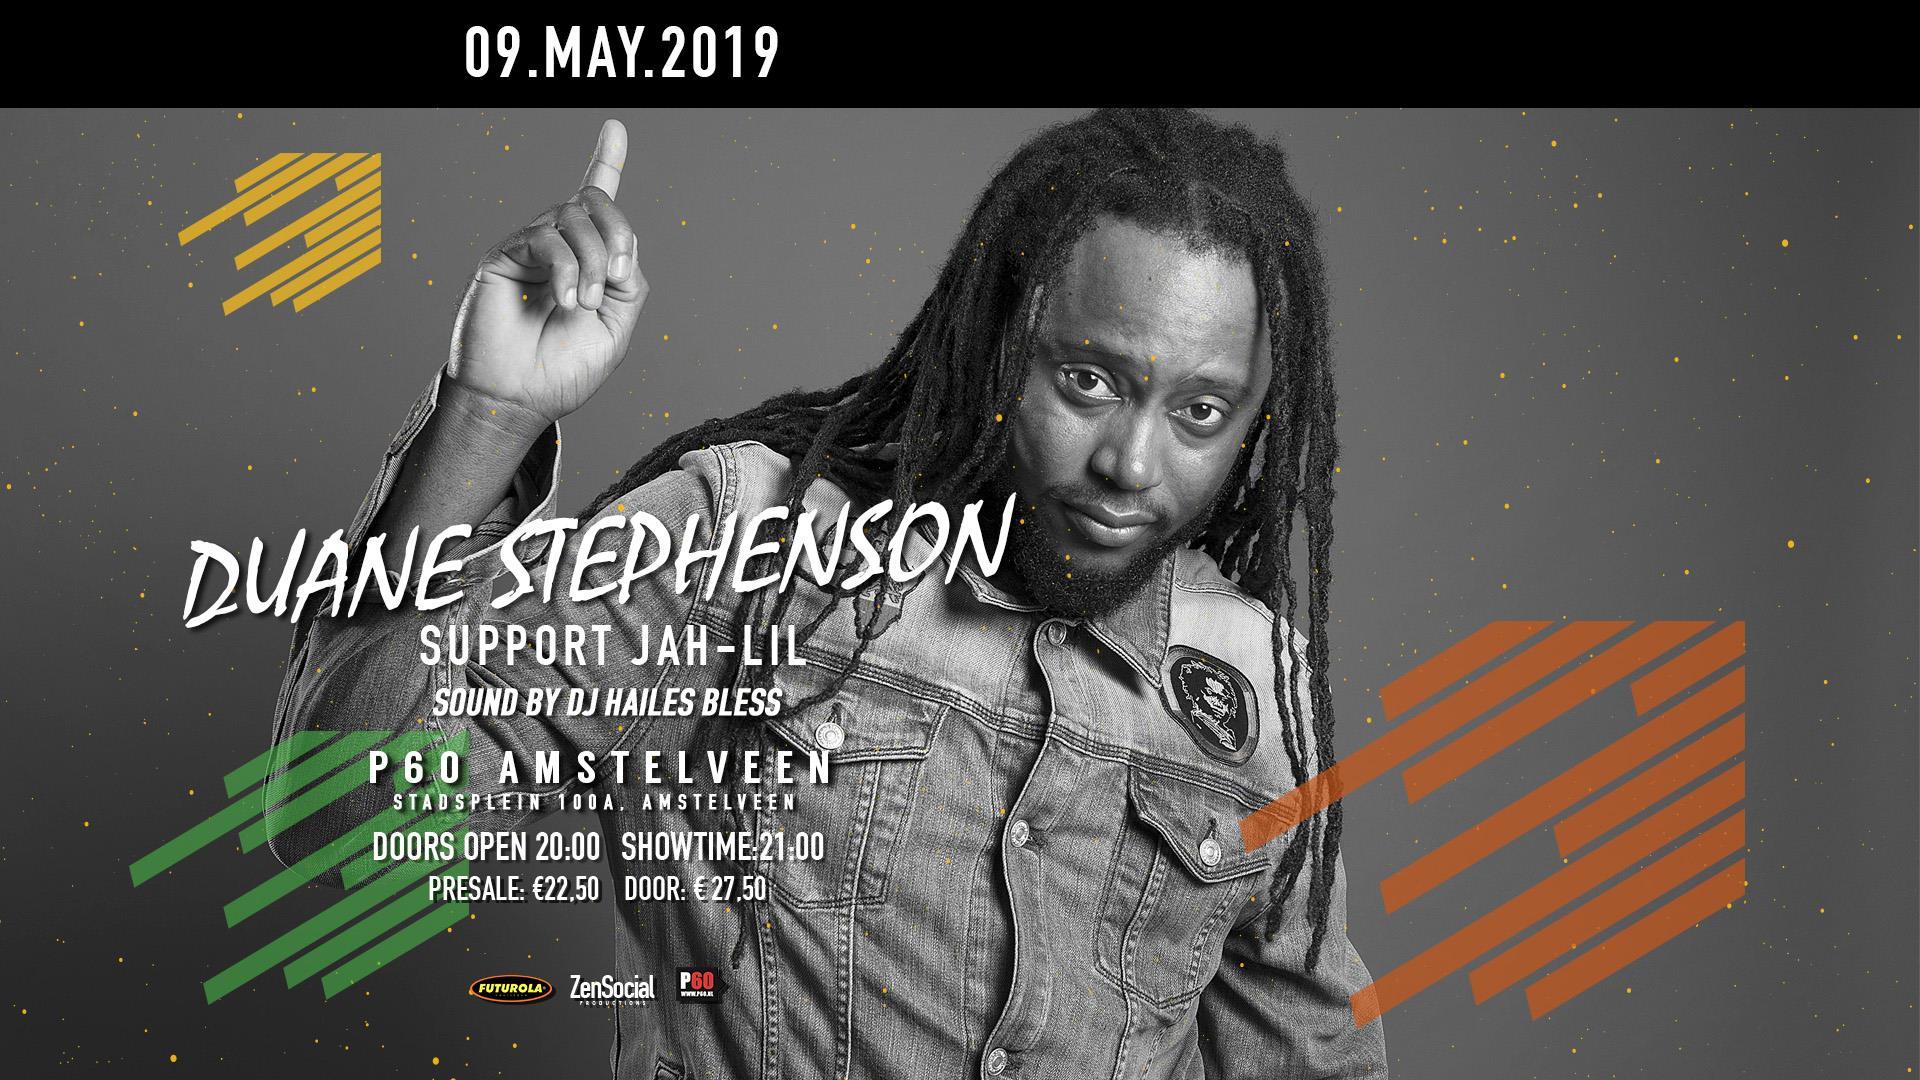 Duane Stephenson + Jah Lil in P60 Amstelveen